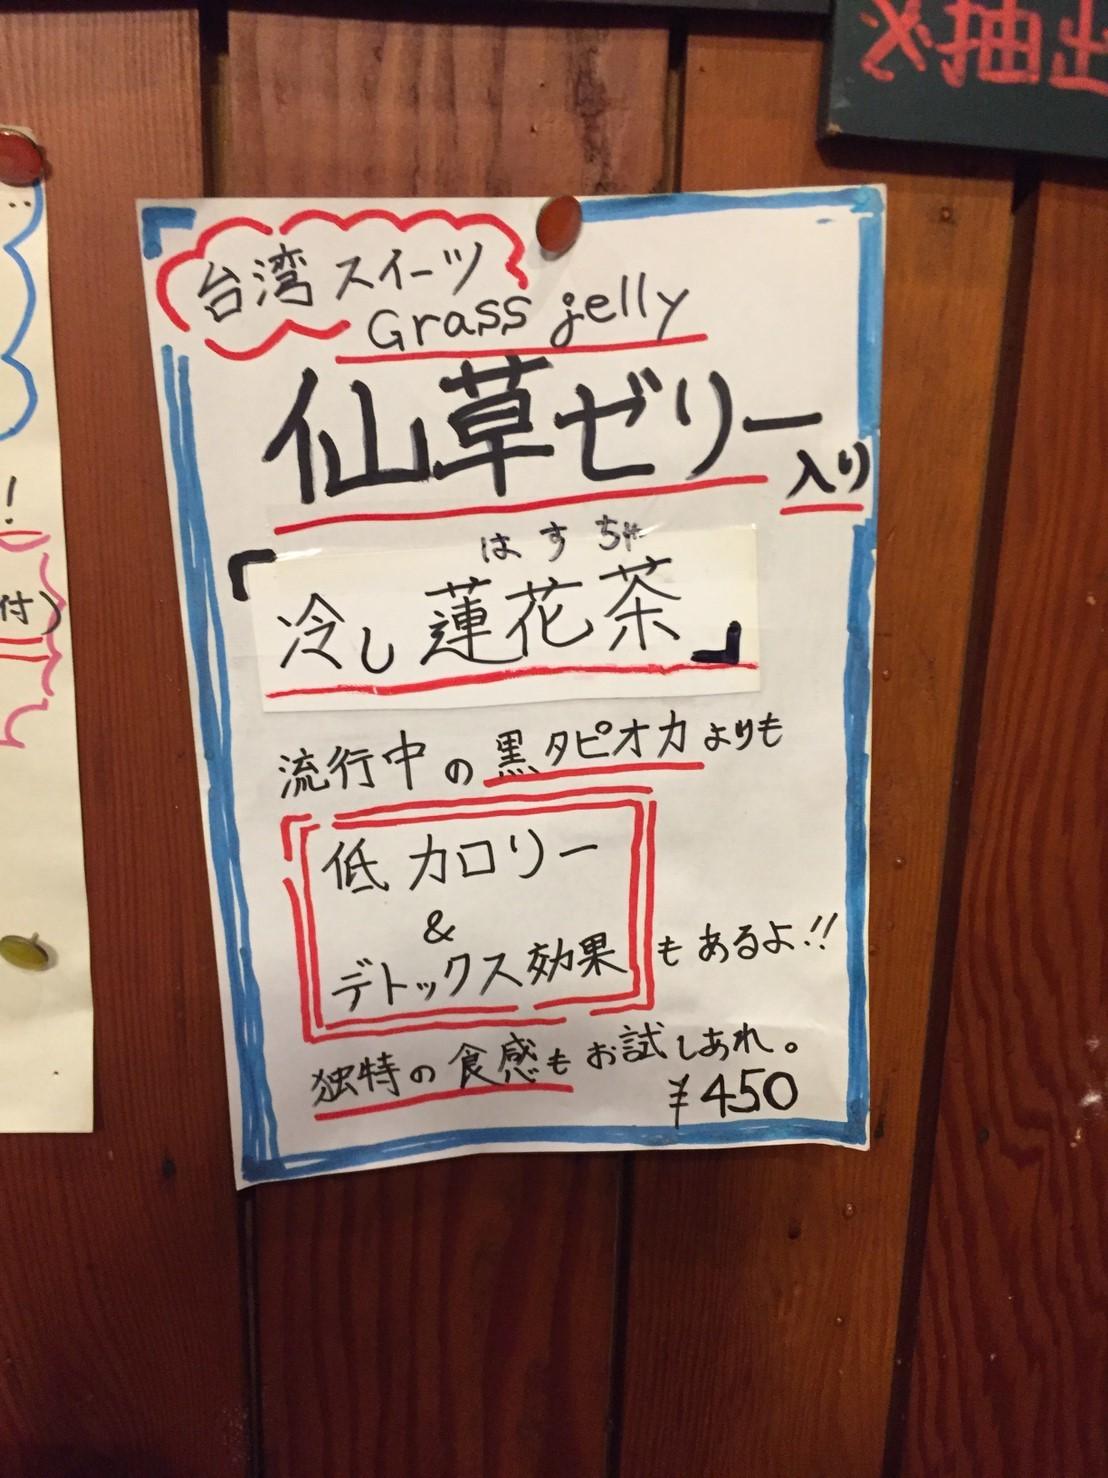 喫茶 1er ぷるみえ (ゴーヤ入りバターライスにアジアンカレーソースココナッツ入り)_e0115904_02134444.jpg